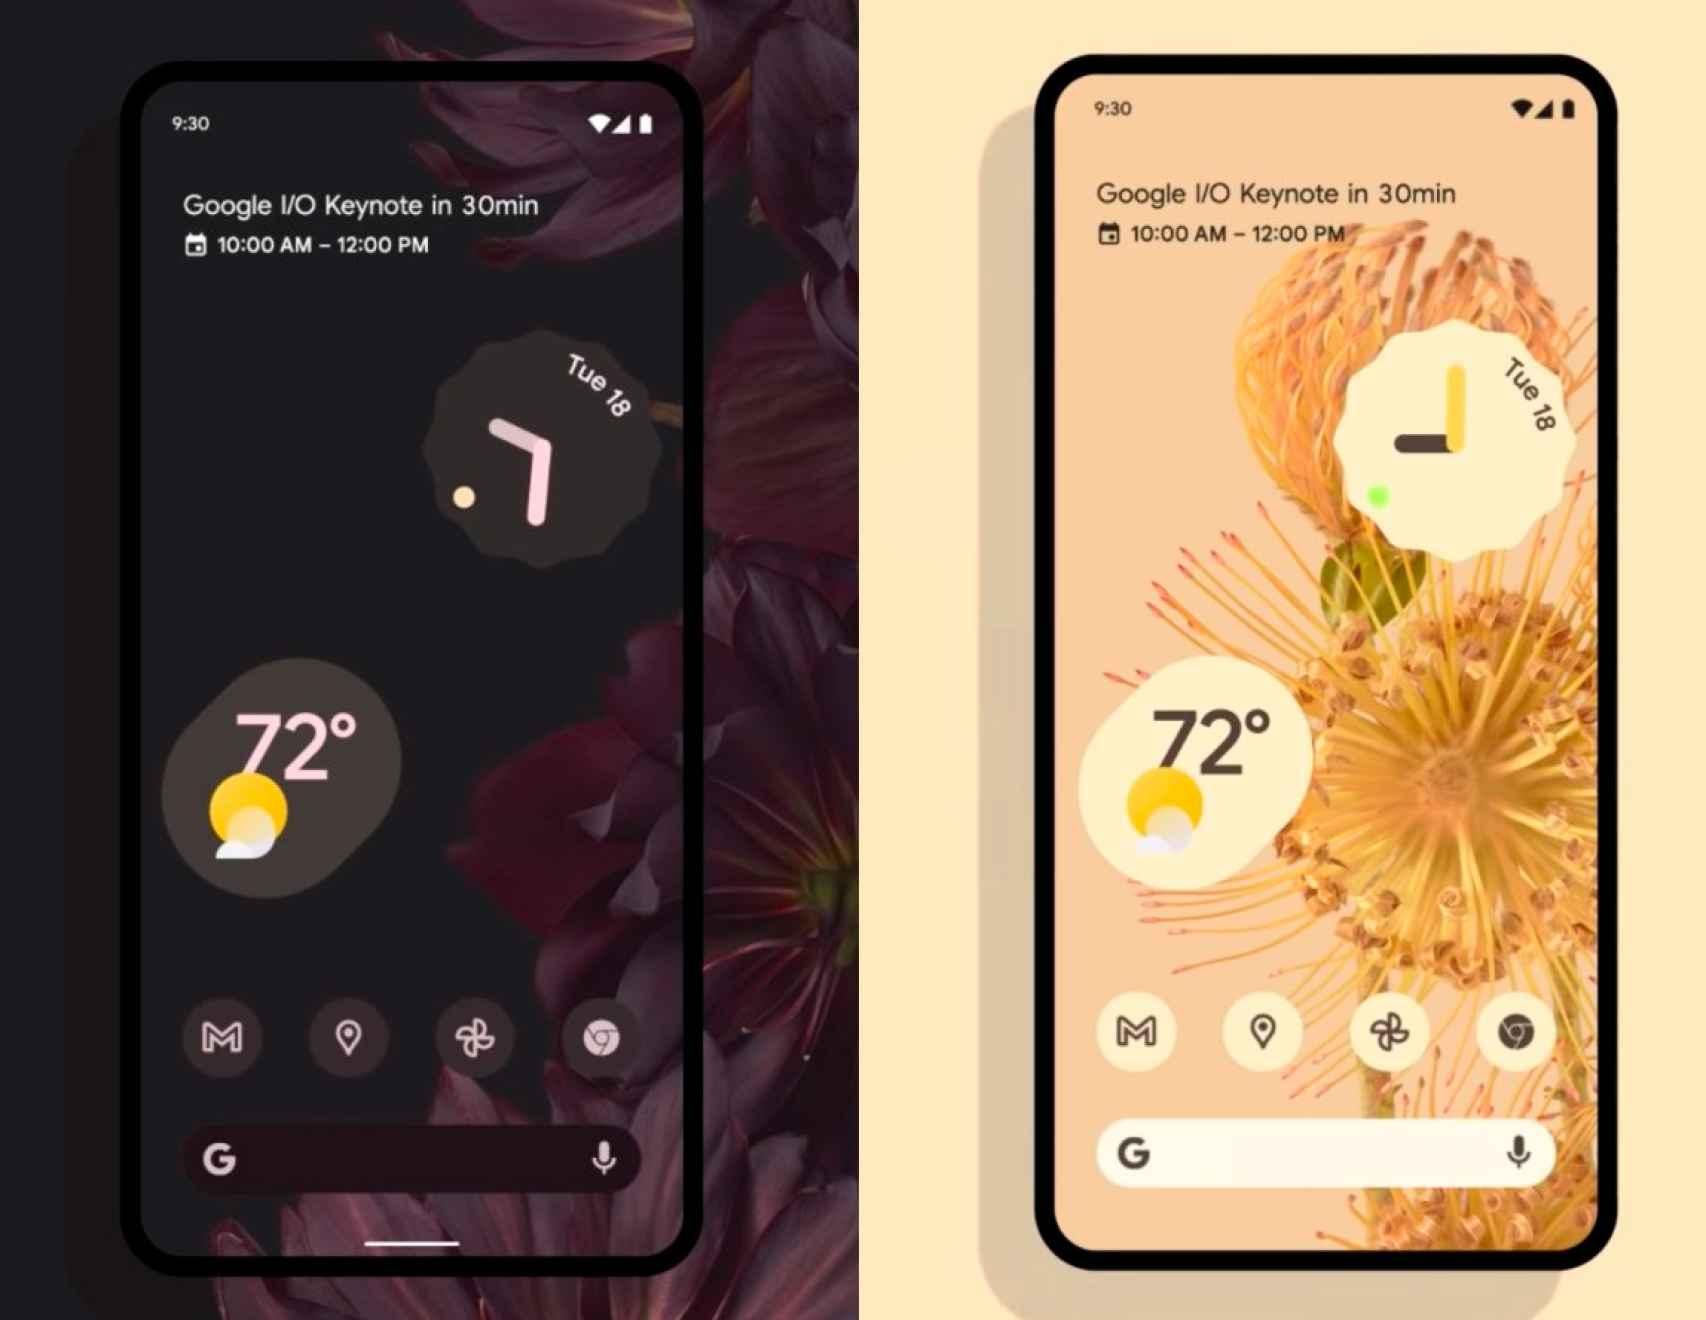 Widgetdel tiempo de Android 12 en el Google I/O